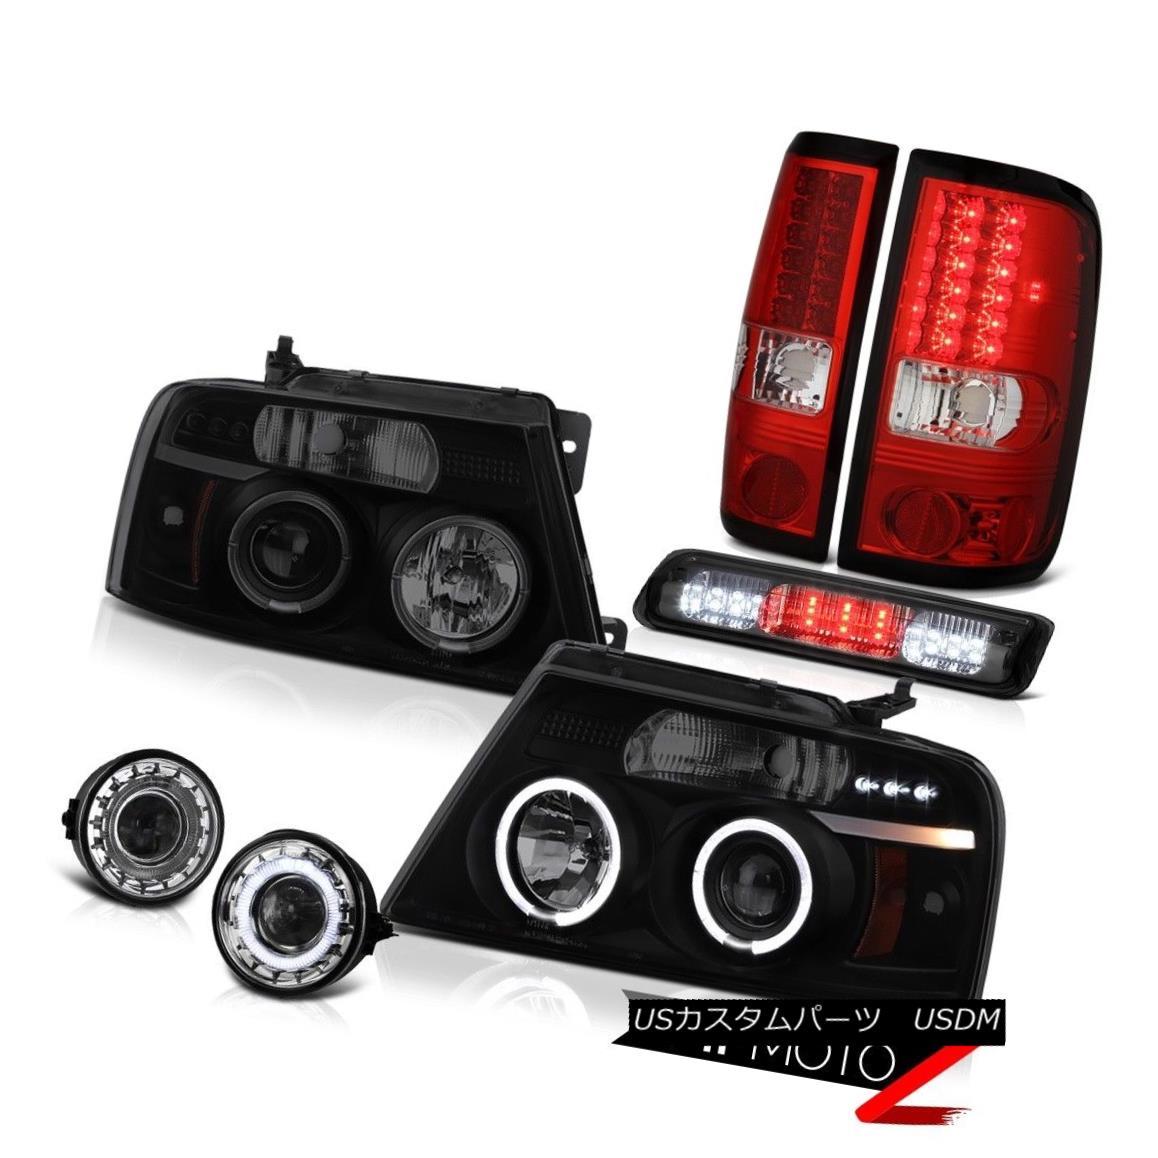 テールライト 06-08 Ford F150 STX Fog Lights Smoked Roof Brake Light Headlamps Tail Projector 06-08 Ford F150 STXフォグライトスモークルーフブレーキライトヘッドランプテールプロジェクター